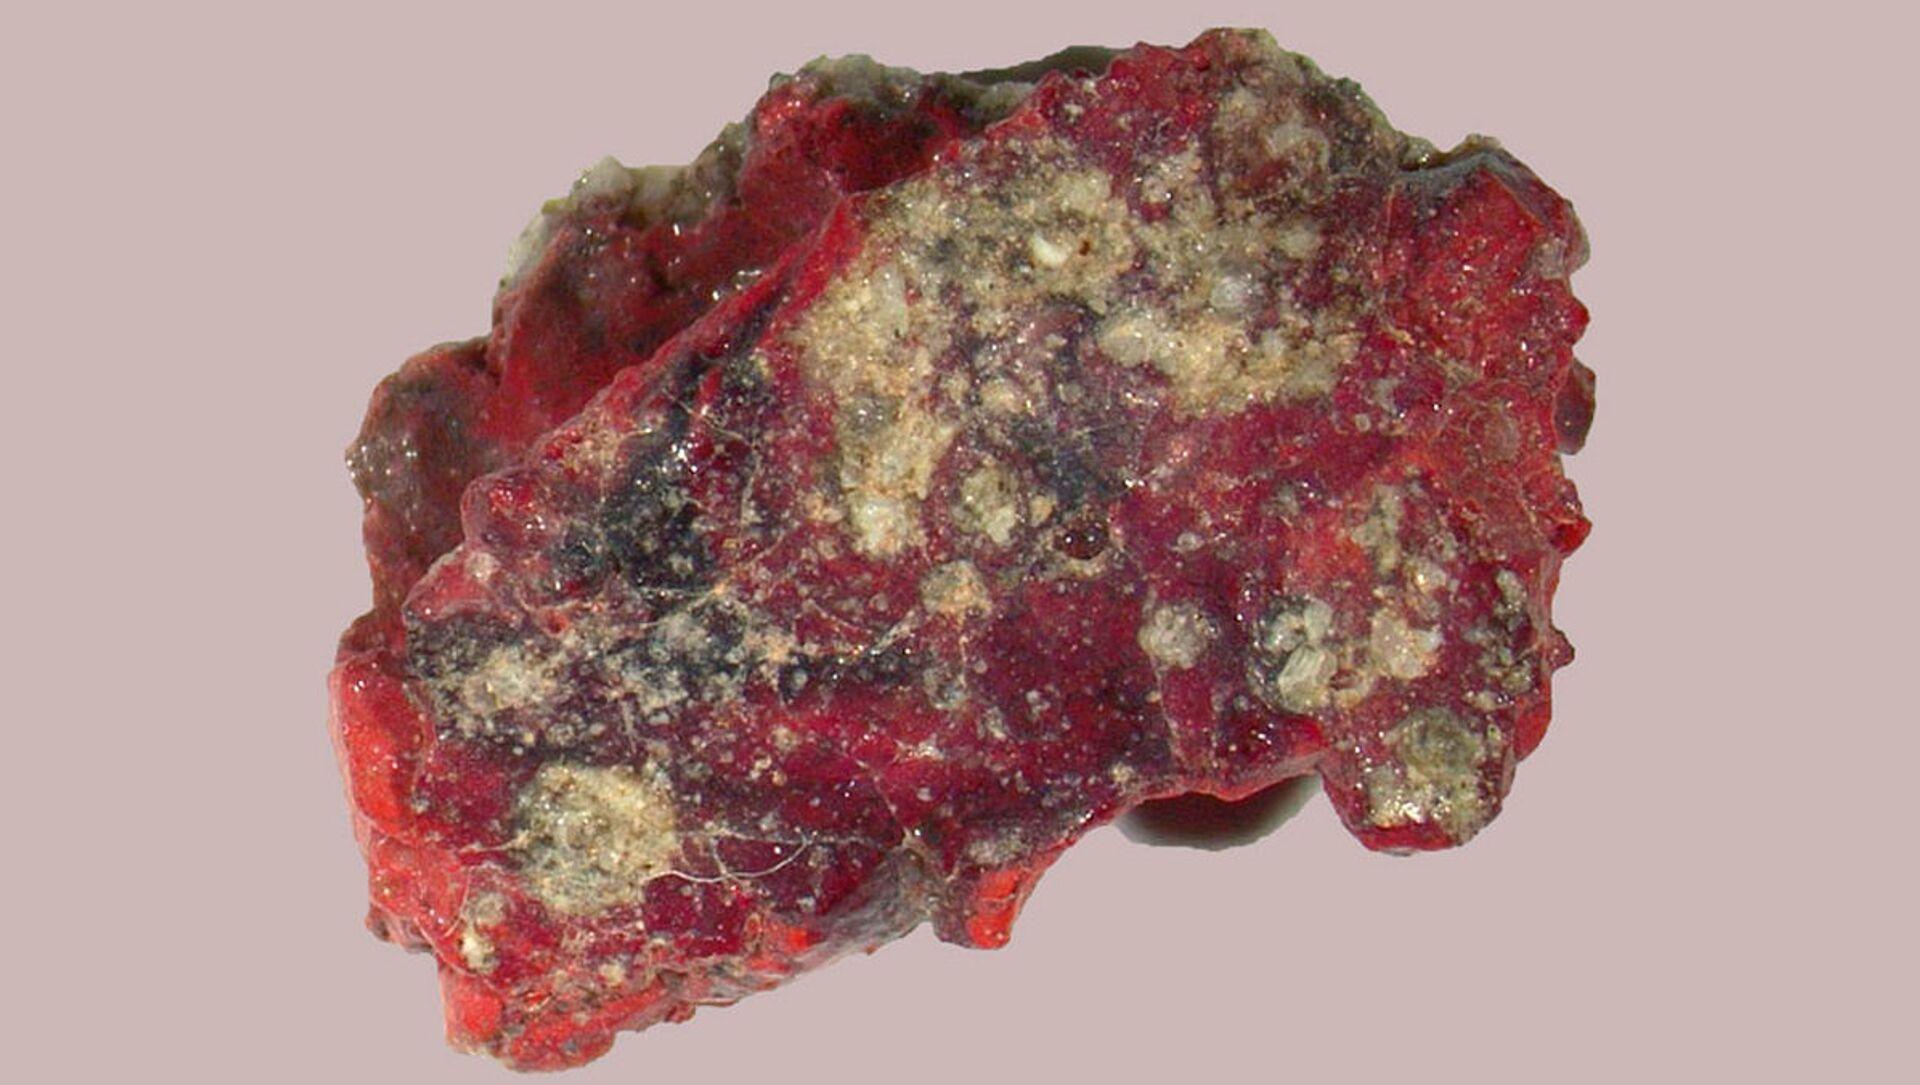 Trynityt -  szkliwo powstałe z ziaren piasku stopionych podczas wybuchu ładunku jądrowego. - Sputnik Polska, 1920, 20.05.2021